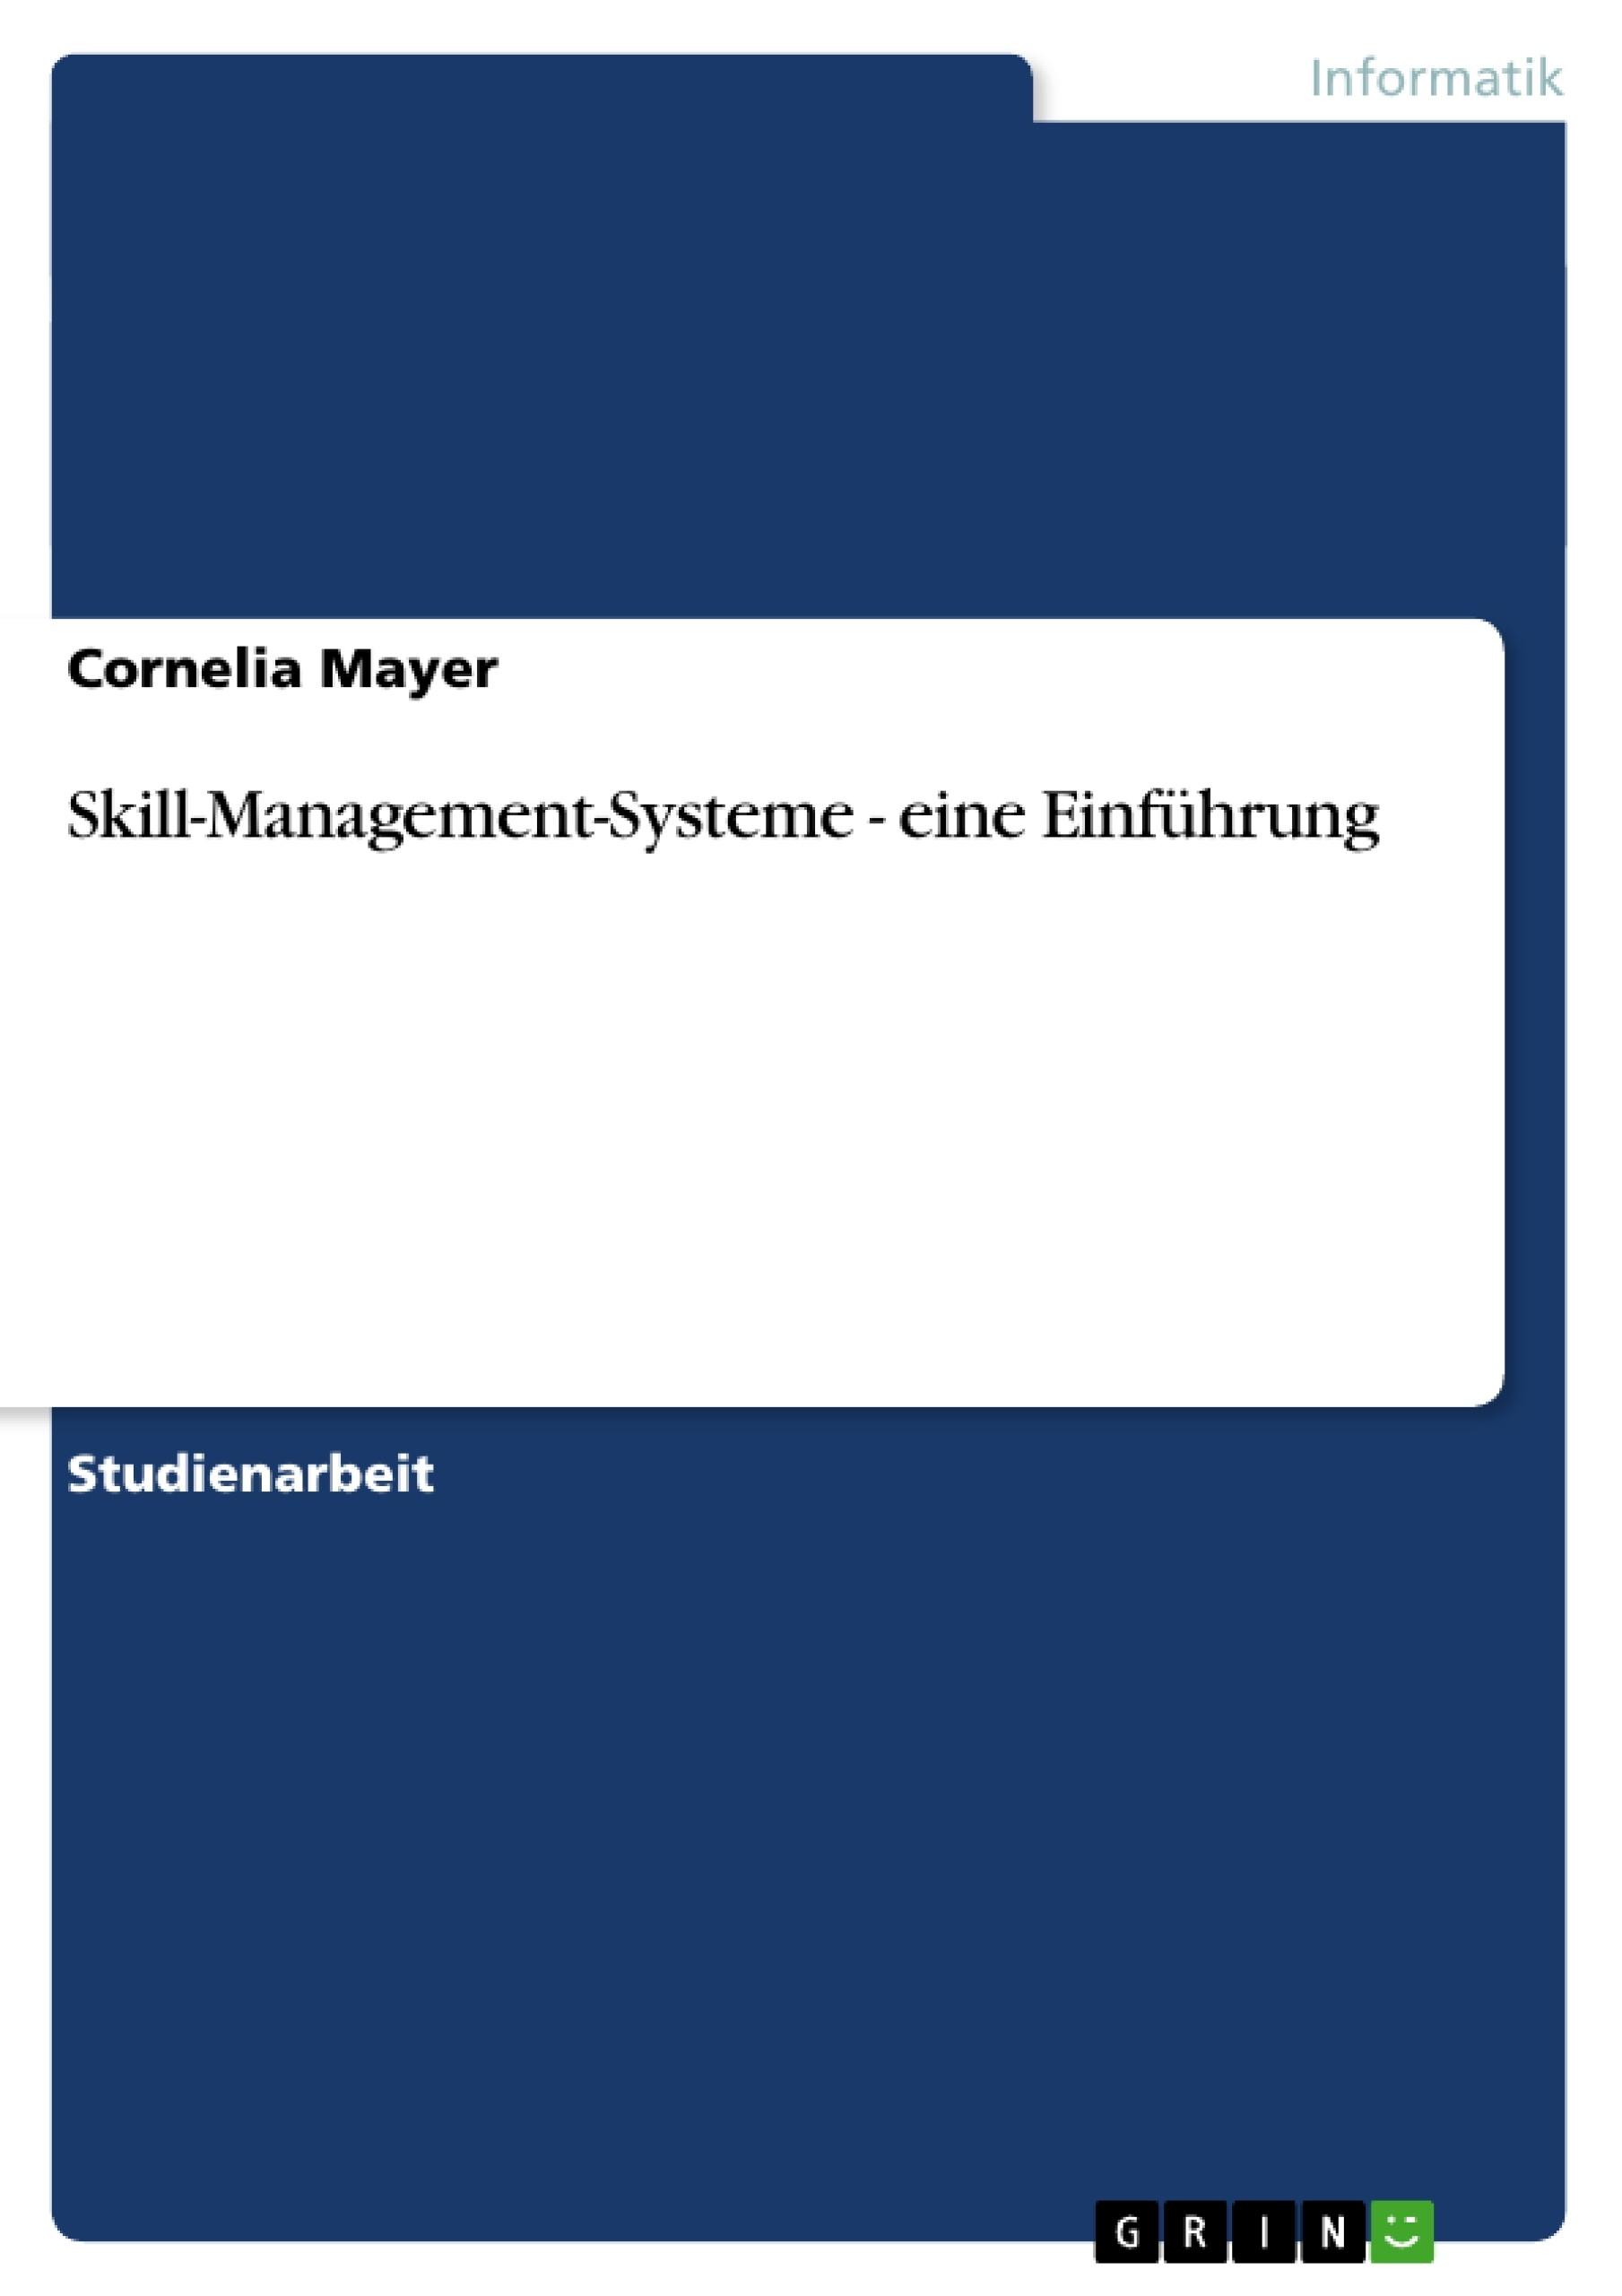 Titel: Skill-Management-Systeme - eine Einführung